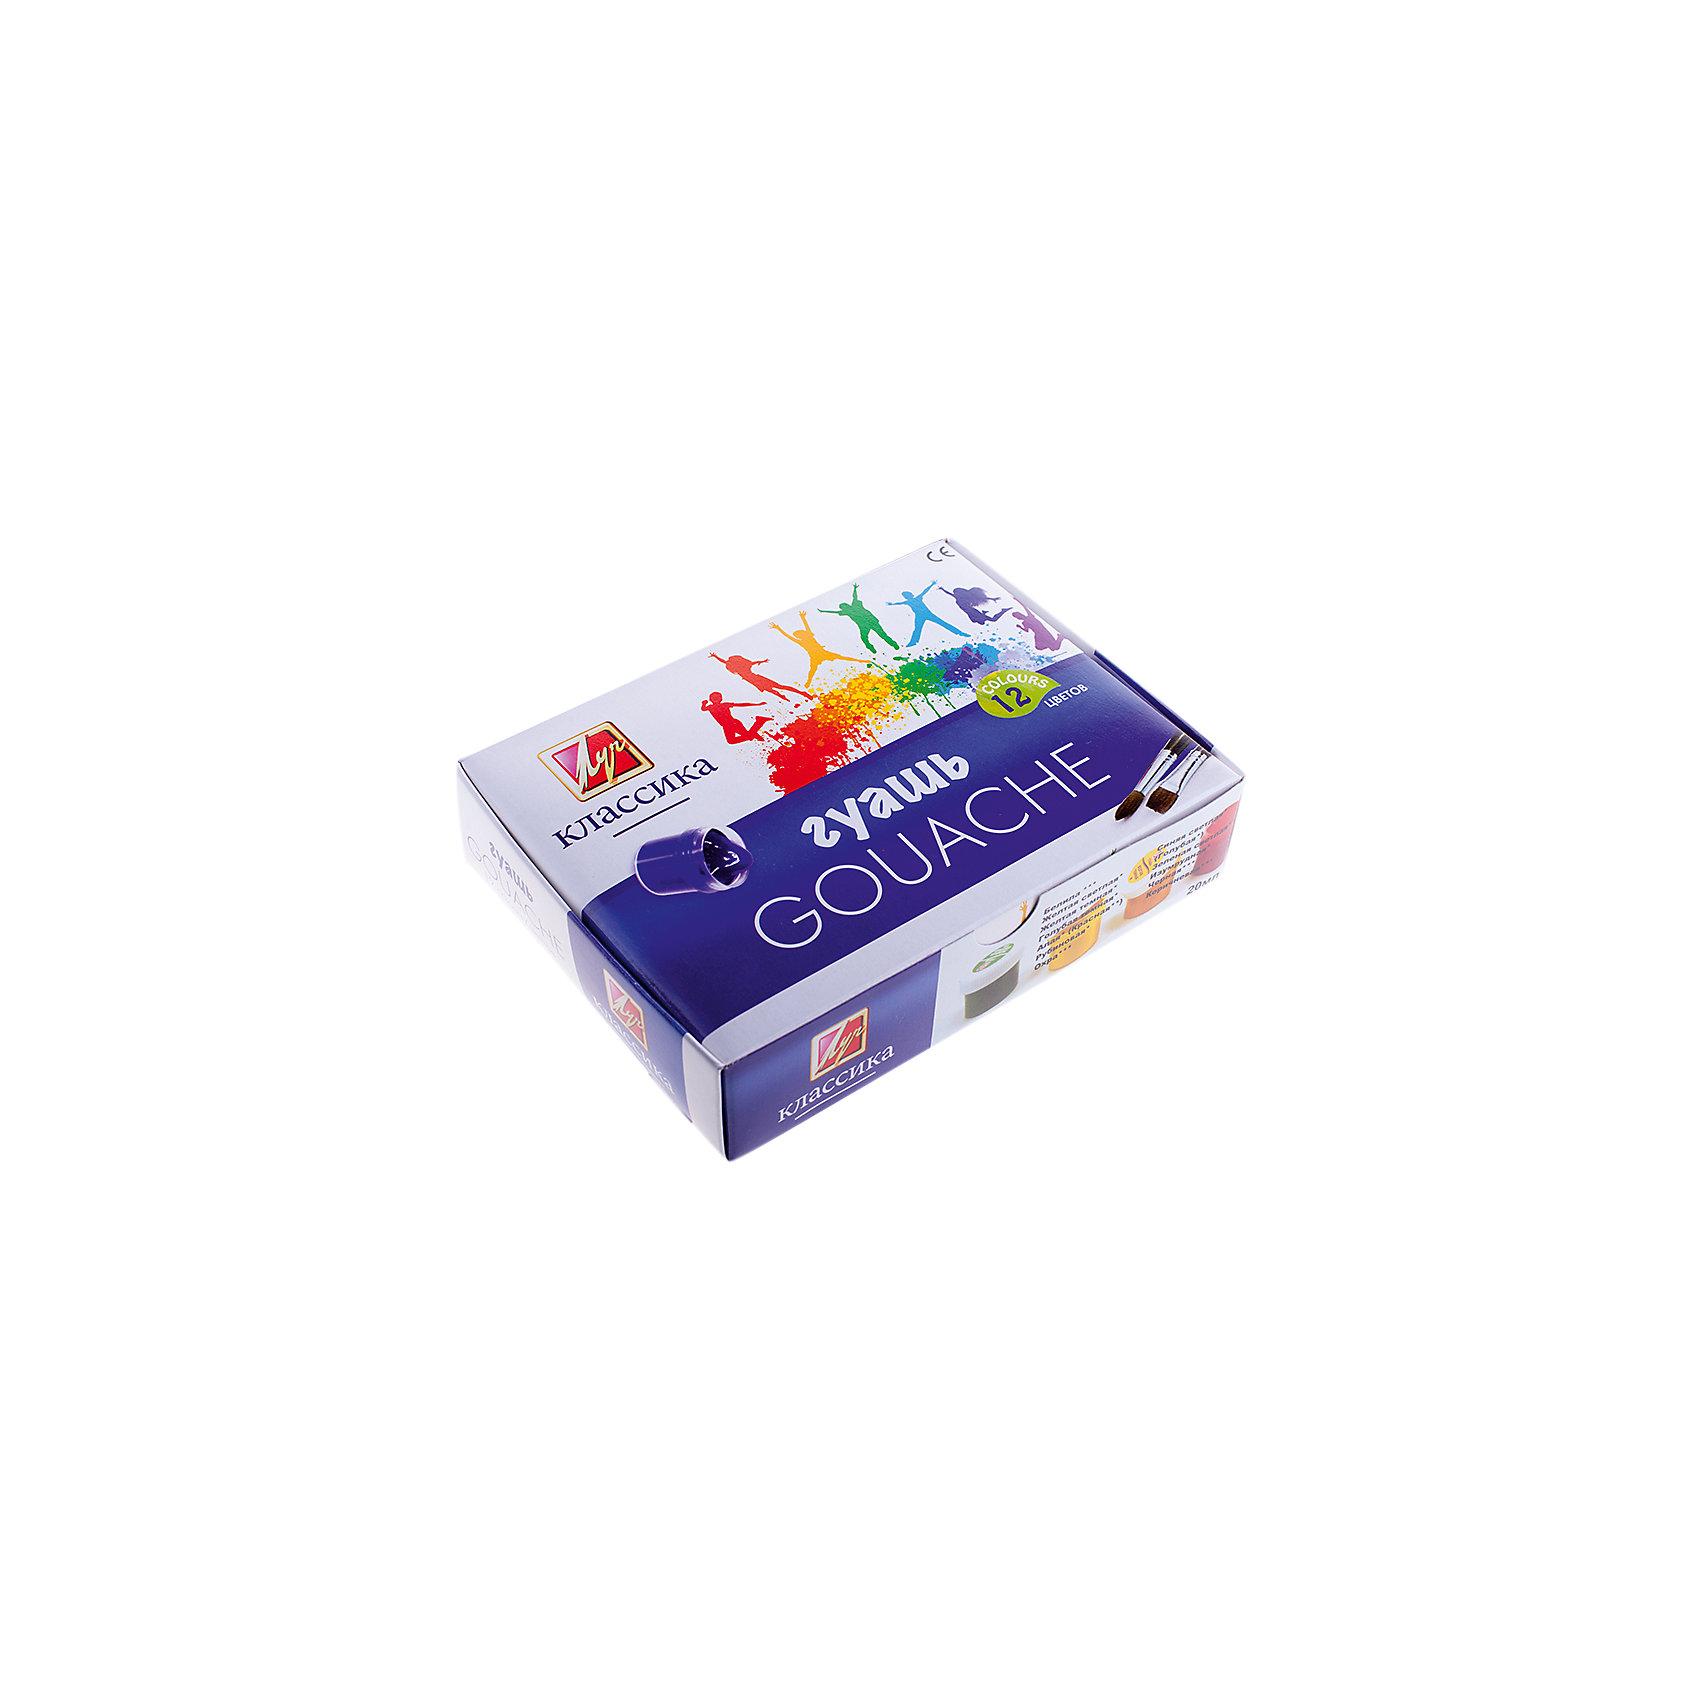 Гуашь Классика, 12 цв., 20 мл, ЛучРисование и лепка<br>Гуашь Классика предназначена для детского творчества, выполнения художественно-декоративных, оформительских работ. Краски изготовлены на основе натуральных компонентов, отличаются насыщенностью и чистотой цвета и хорошей кроющей способностью.<br><br>Гуашь обладает следующими потребительскими свойствами:<br>- насыщенность и чистота цвета; <br>- превосходная кроющая способность; <br>- хорошая разносимость; <br>- равномерность нанесения на поверхность; <br>- легкая наполняемость кисти; <br>- краски смешиваются между собой, создавая новые чистые оттенки. <br><br>При высыхании приобретают матово-бархатистую поверхность. <br><br>Абсолютно безвредны, соответствуют европейским стандартам безопасности .<br><br>Дополнительная информация: <br><br>- 12 цветов, по 20 мл.<br>- Размер упаковки: 11х15х4,2 см.<br>- Вес в упаковке: 460 г.<br><br>Гуашь Классика можно купить в нашем магазине.<br><br>Ширина мм: 110<br>Глубина мм: 150<br>Высота мм: 42<br>Вес г: 460<br>Возраст от месяцев: 72<br>Возраст до месяцев: 2147483647<br>Пол: Унисекс<br>Возраст: Детский<br>SKU: 4792656